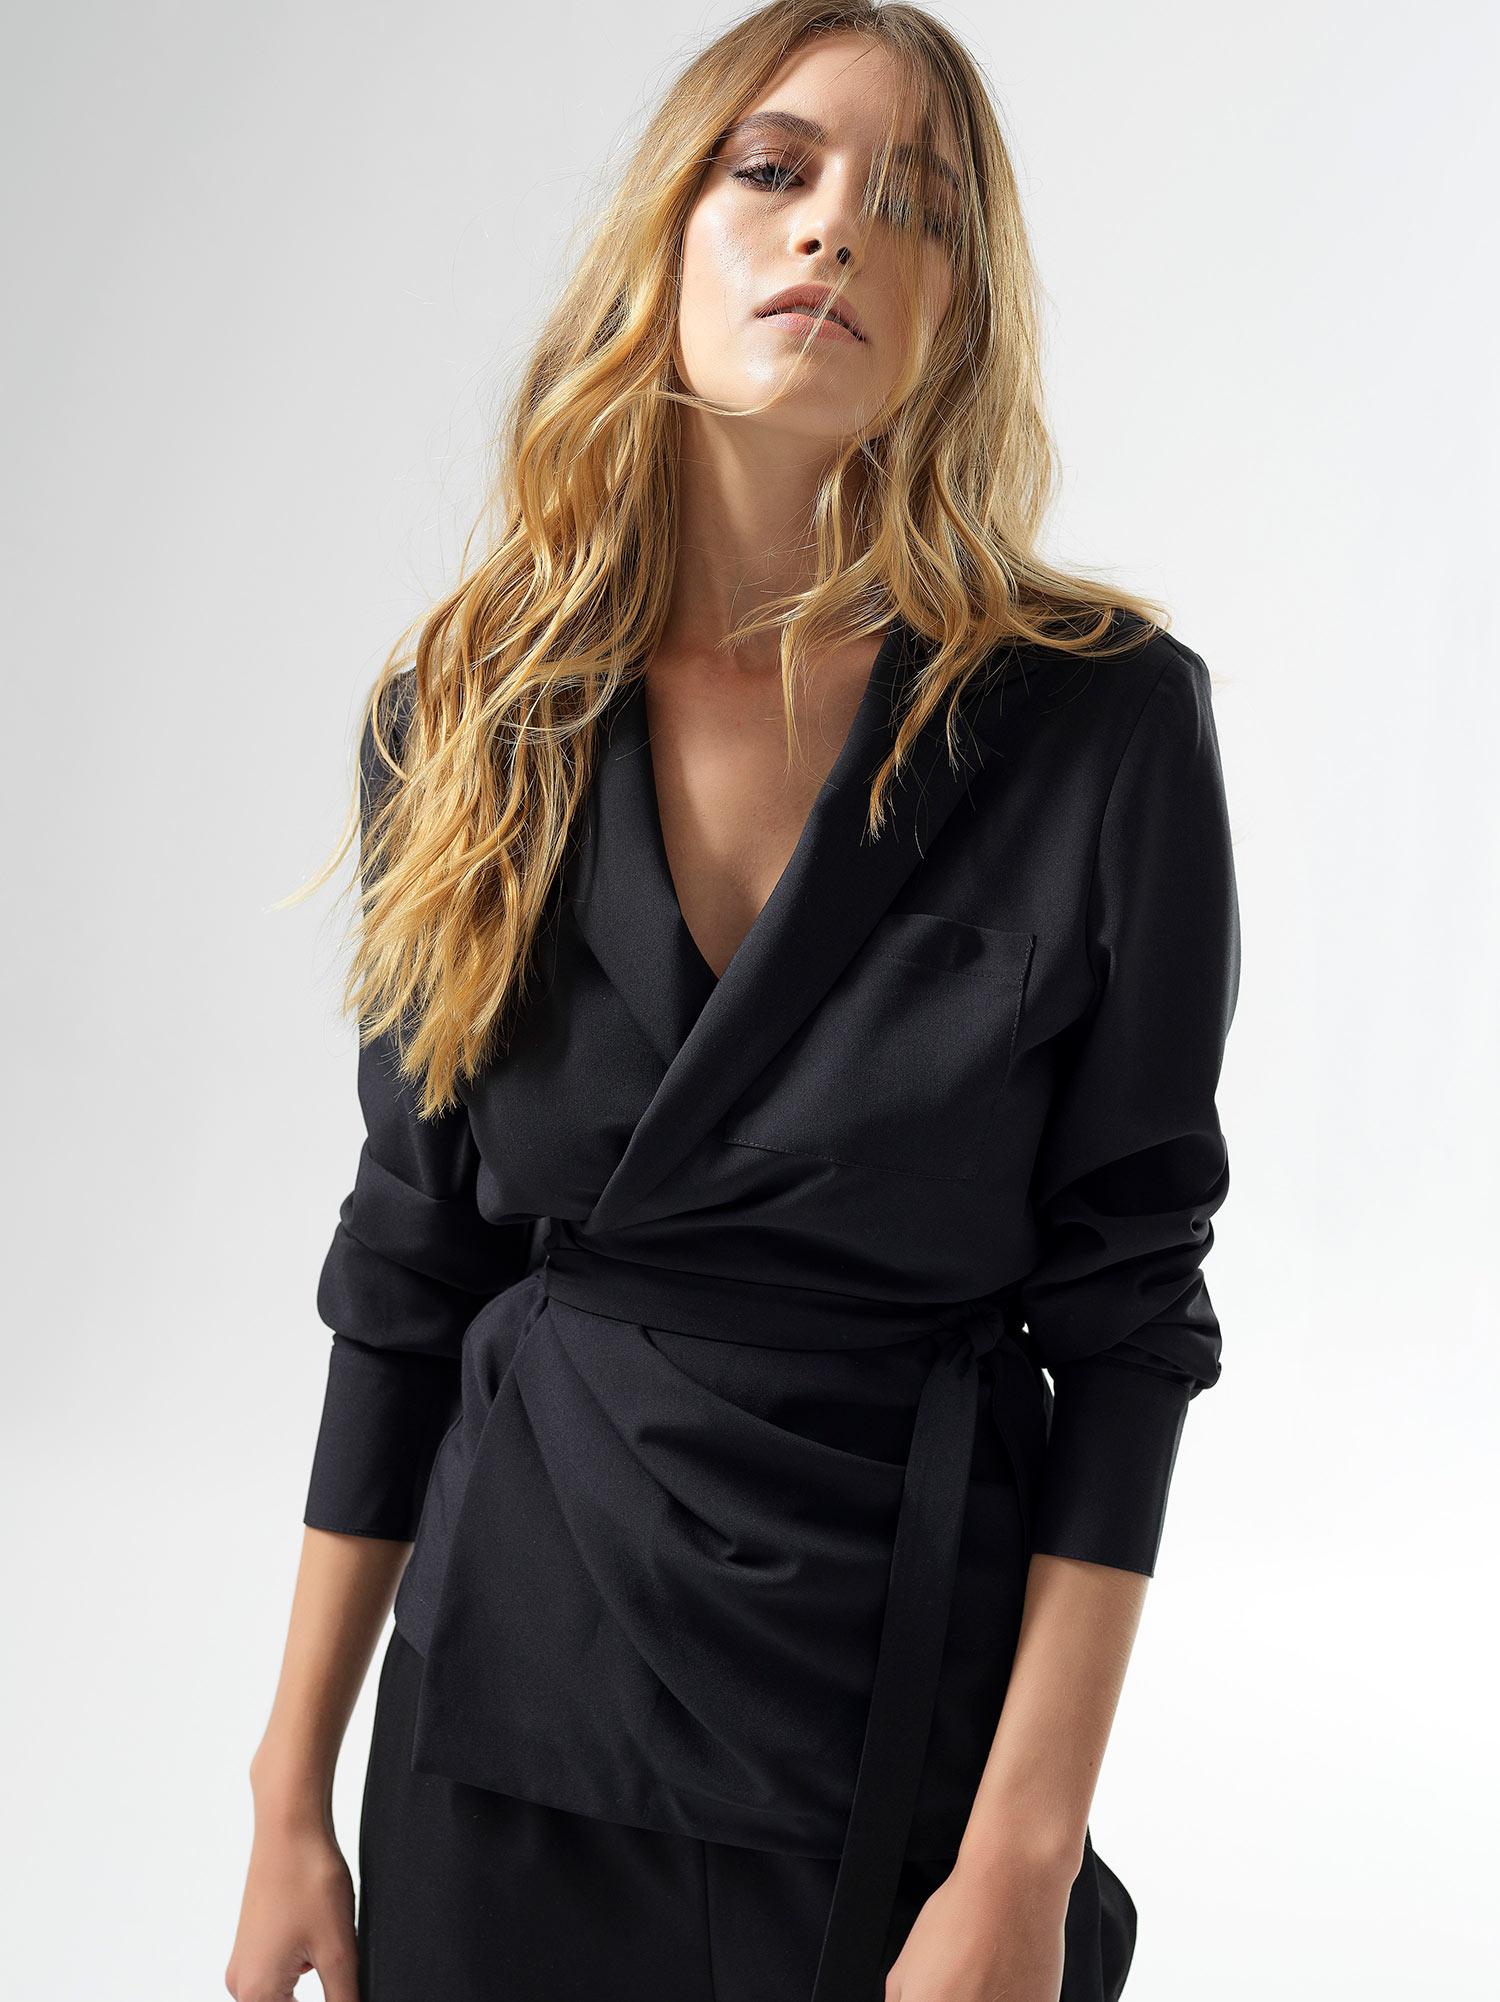 Meuccia Black Jacket Shirt